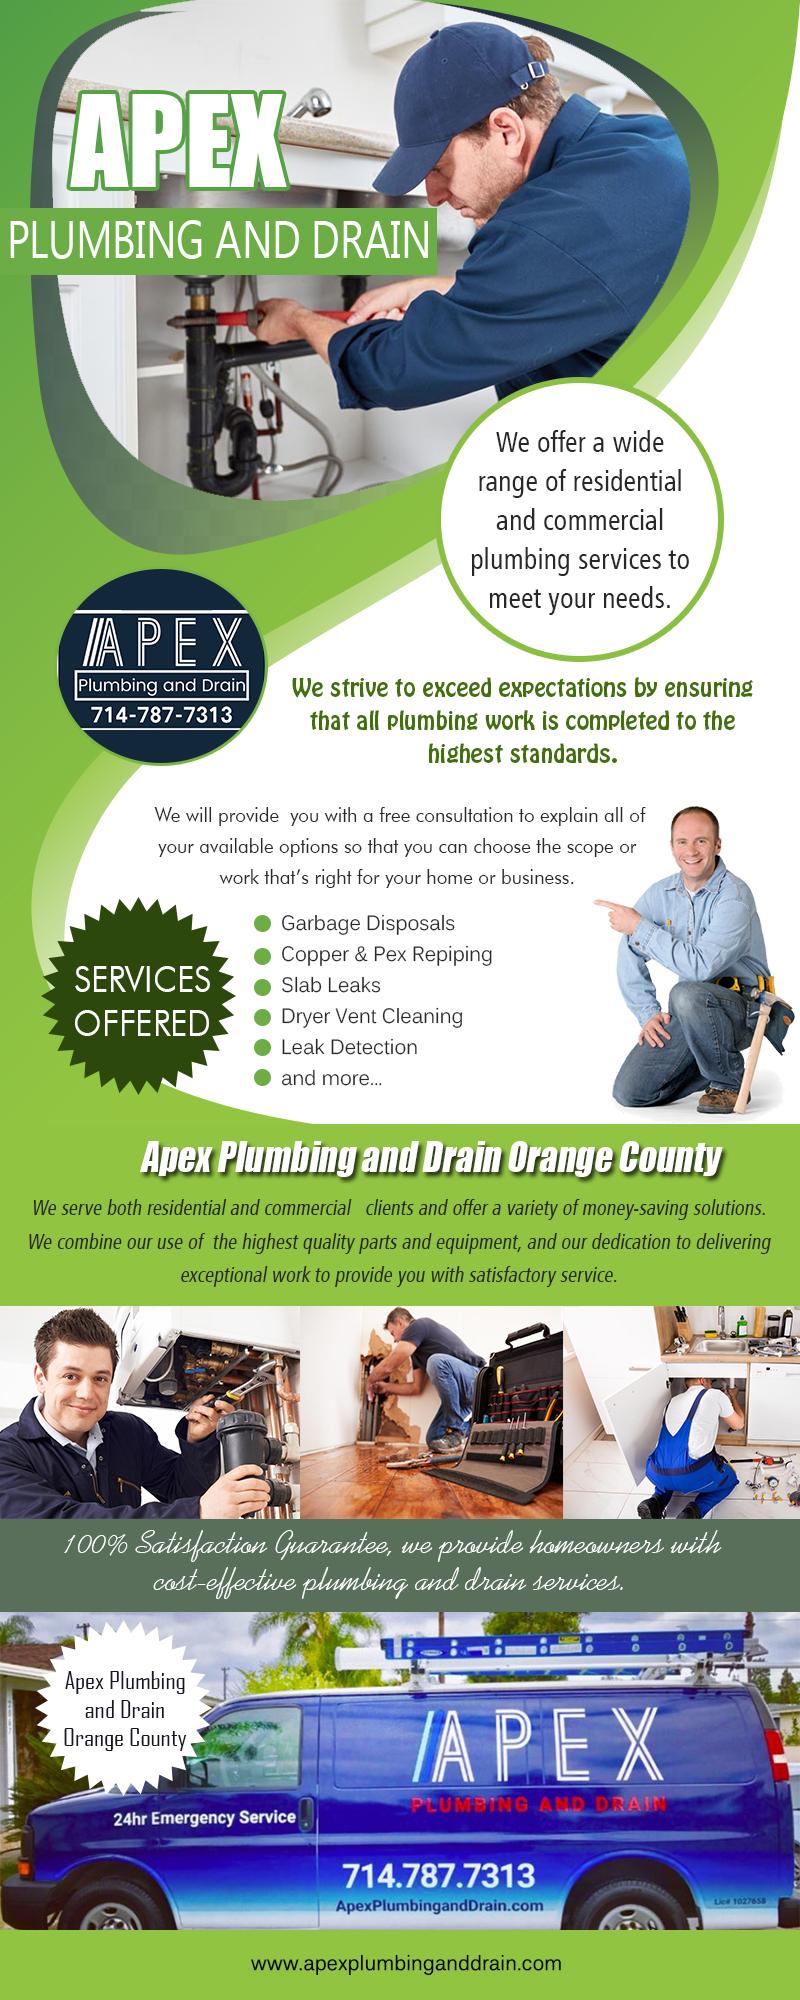 Apex Plumbing and Drain apexplumbinganddrain.com